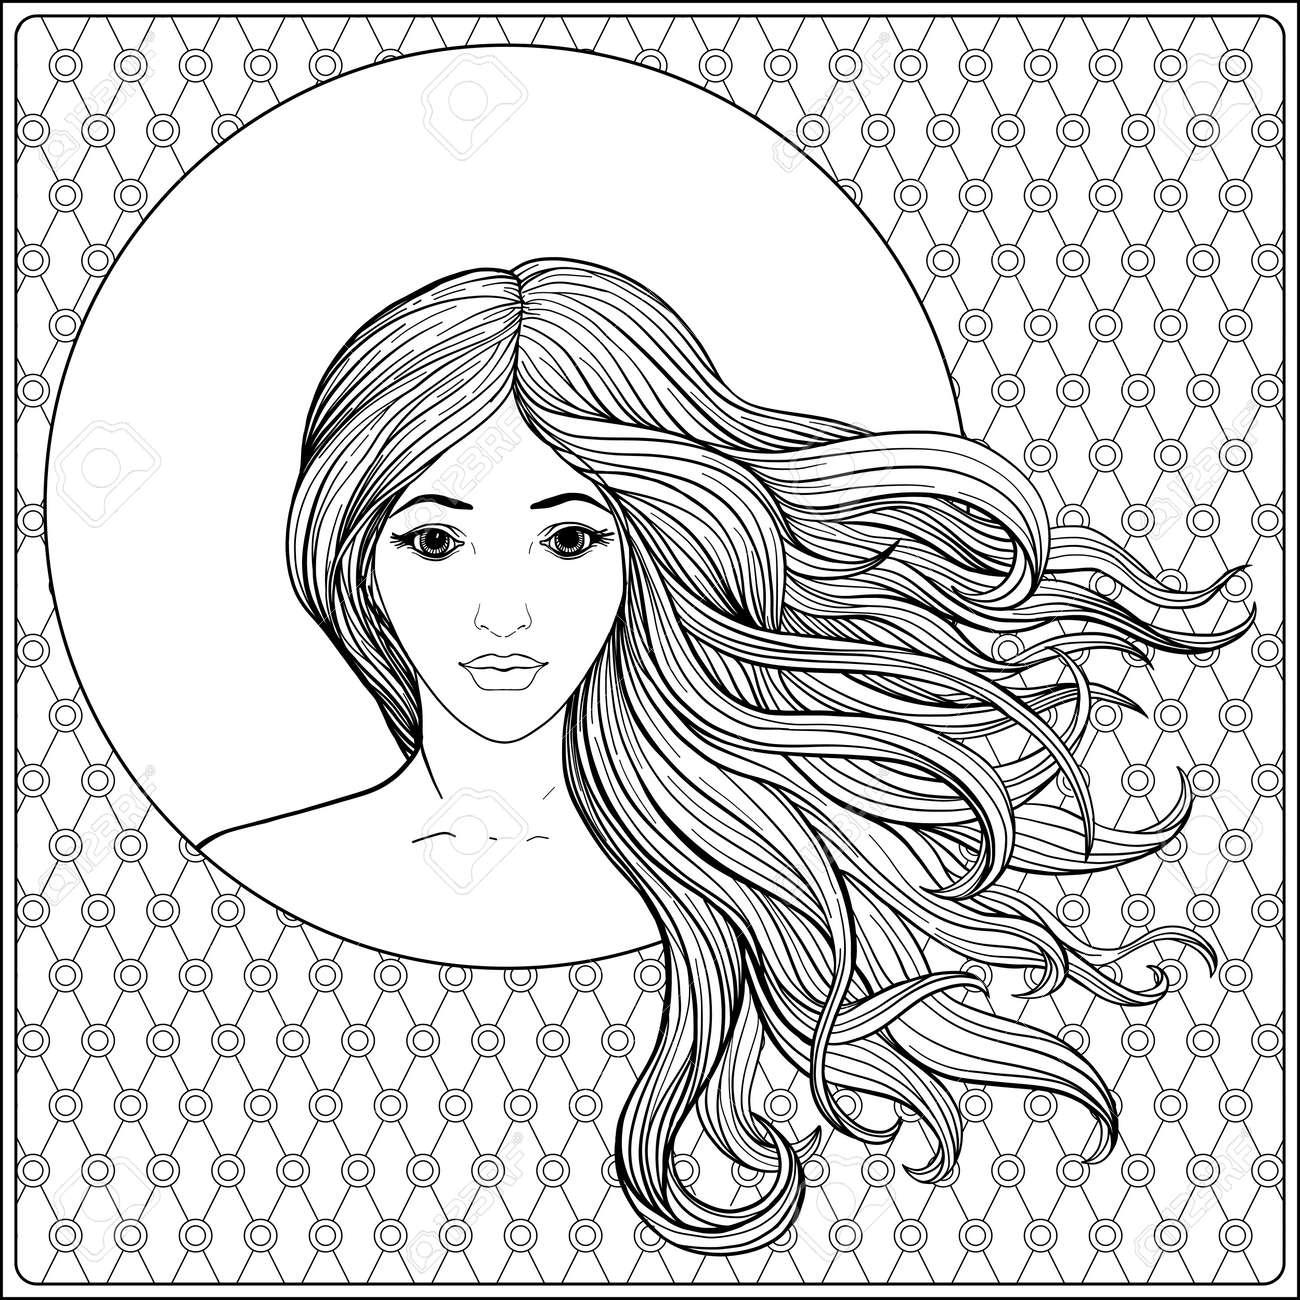 Jeune Belle Fille Avec Des Cheveux Longs Dans Un Cadre A Motifs Floral Decore Riche Illustration Vectorielle De Stock Ligne Dessin Au Trait Coloriage De Dessin De Main De Contour Pour Le